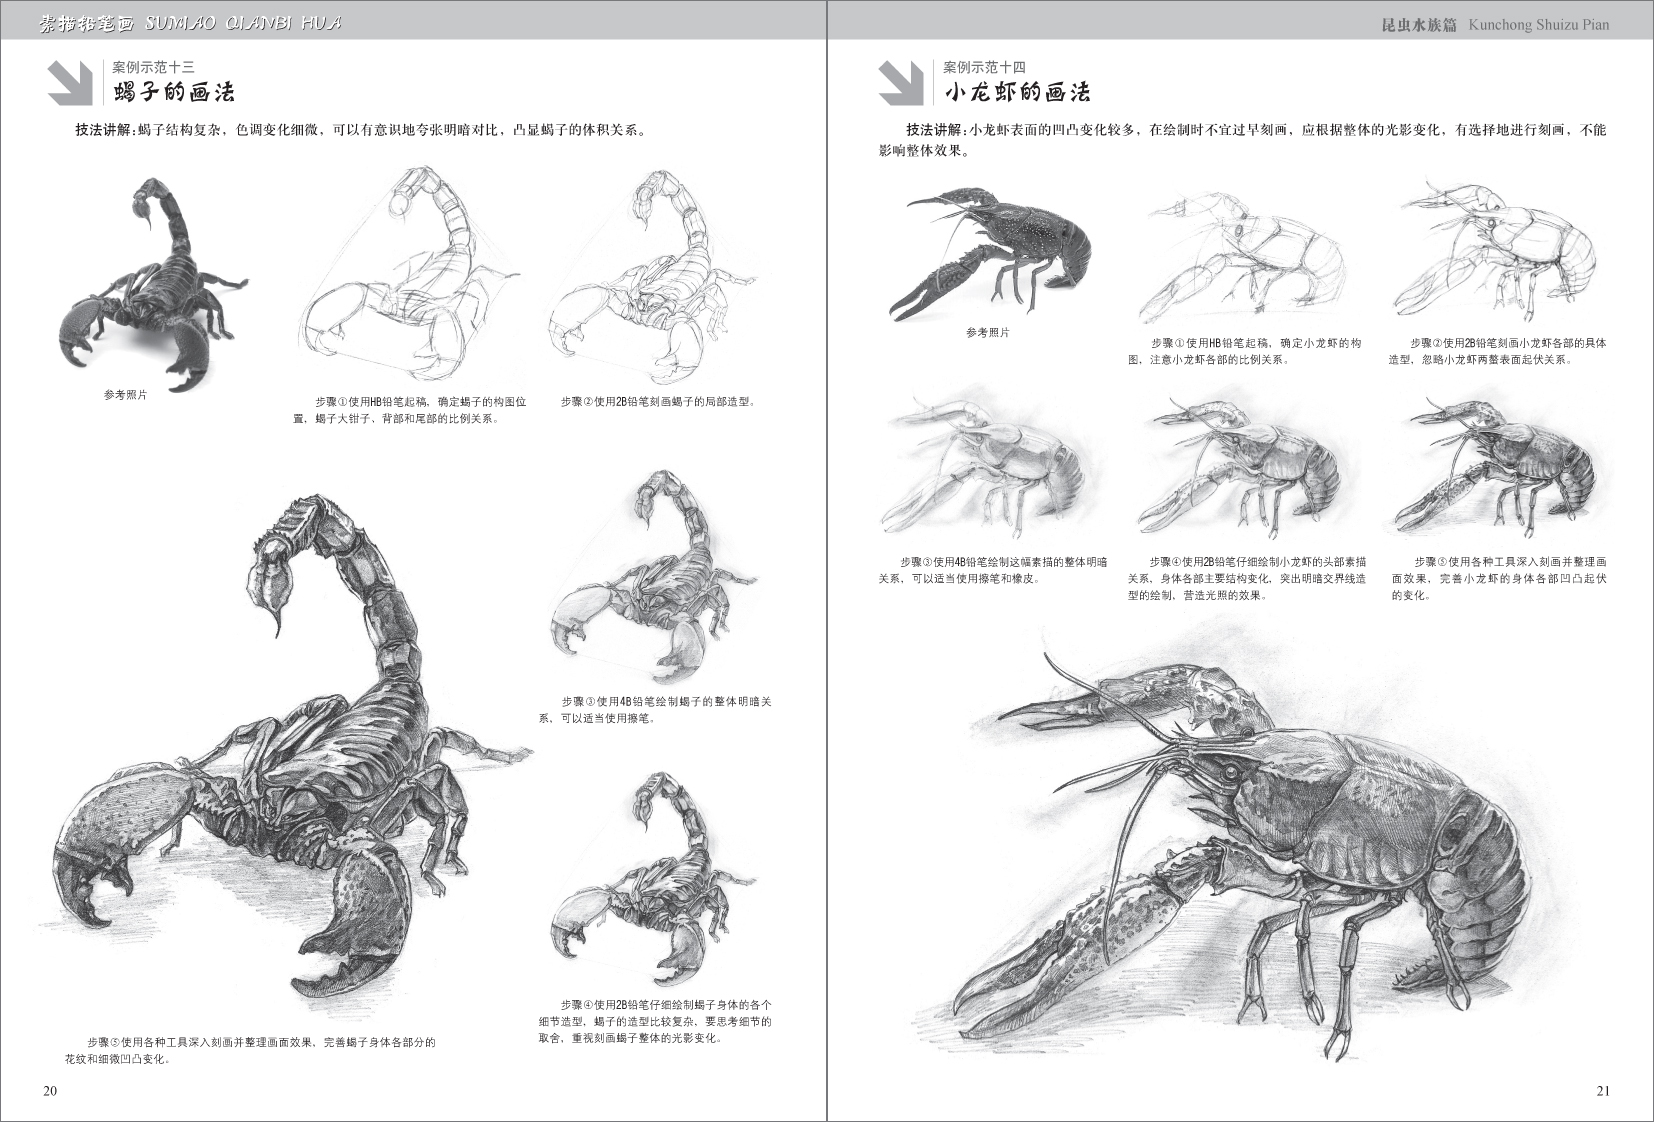 各式各样的昆虫水族总会以不同的方式与我们不期而遇,你是否想过用一支笔画出它们的可爱模样和美丽光影?本书选取了生活中常见的昆虫和水族,以详尽的步骤一一展开讲解,帮助读者全面领悟铅笔素描的方法与技巧。快快拿起笔吧,画出自己心目中的昆虫手绘!